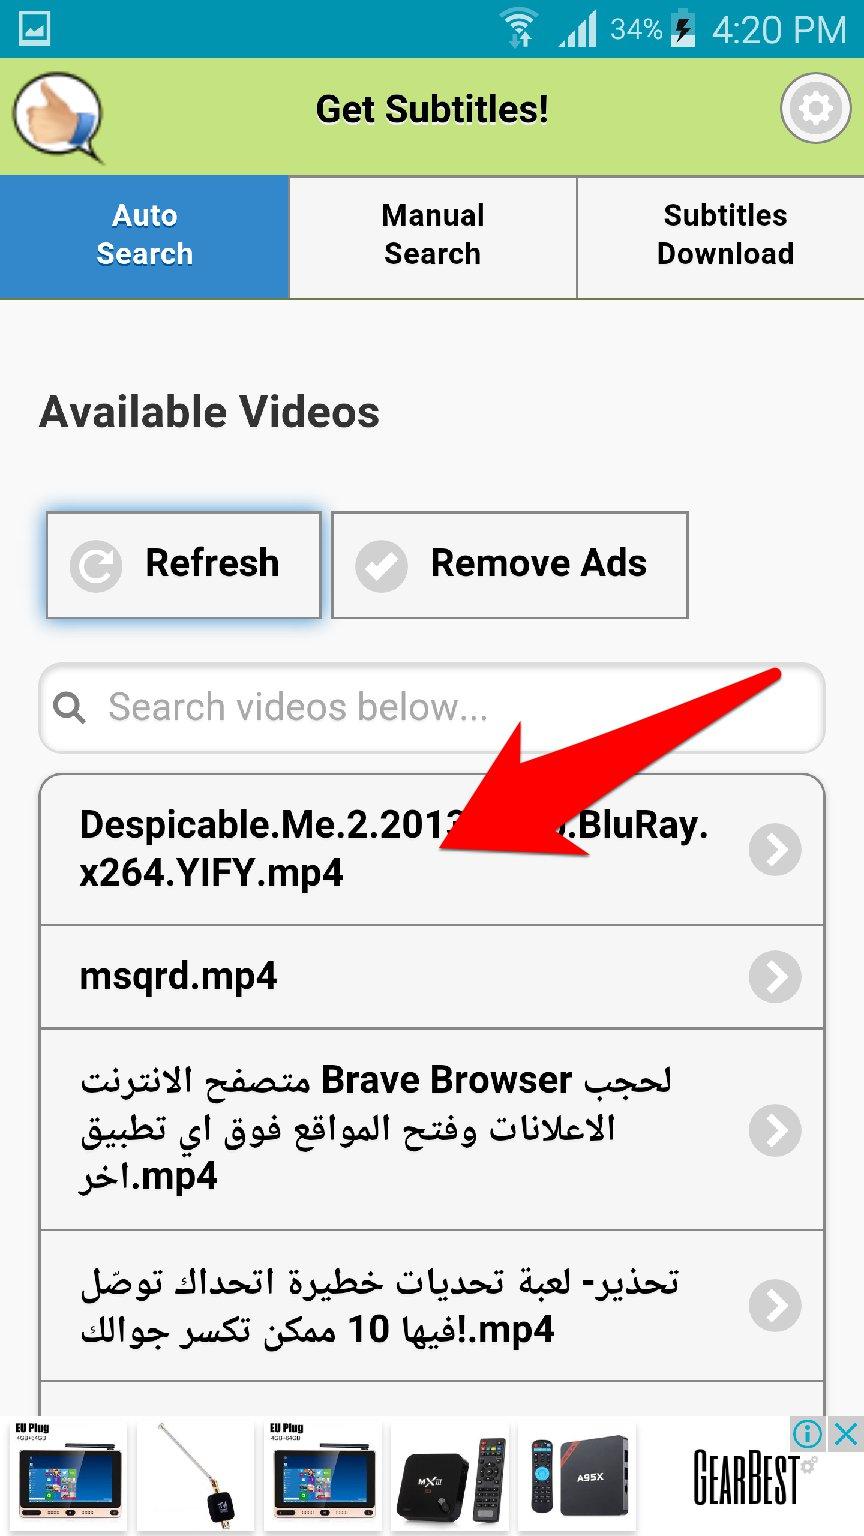 تطبيق Get Subtitles لتحميل ترجمة الافلام والمسلسلات الاجنبية للاندرويد | بحرية درويد